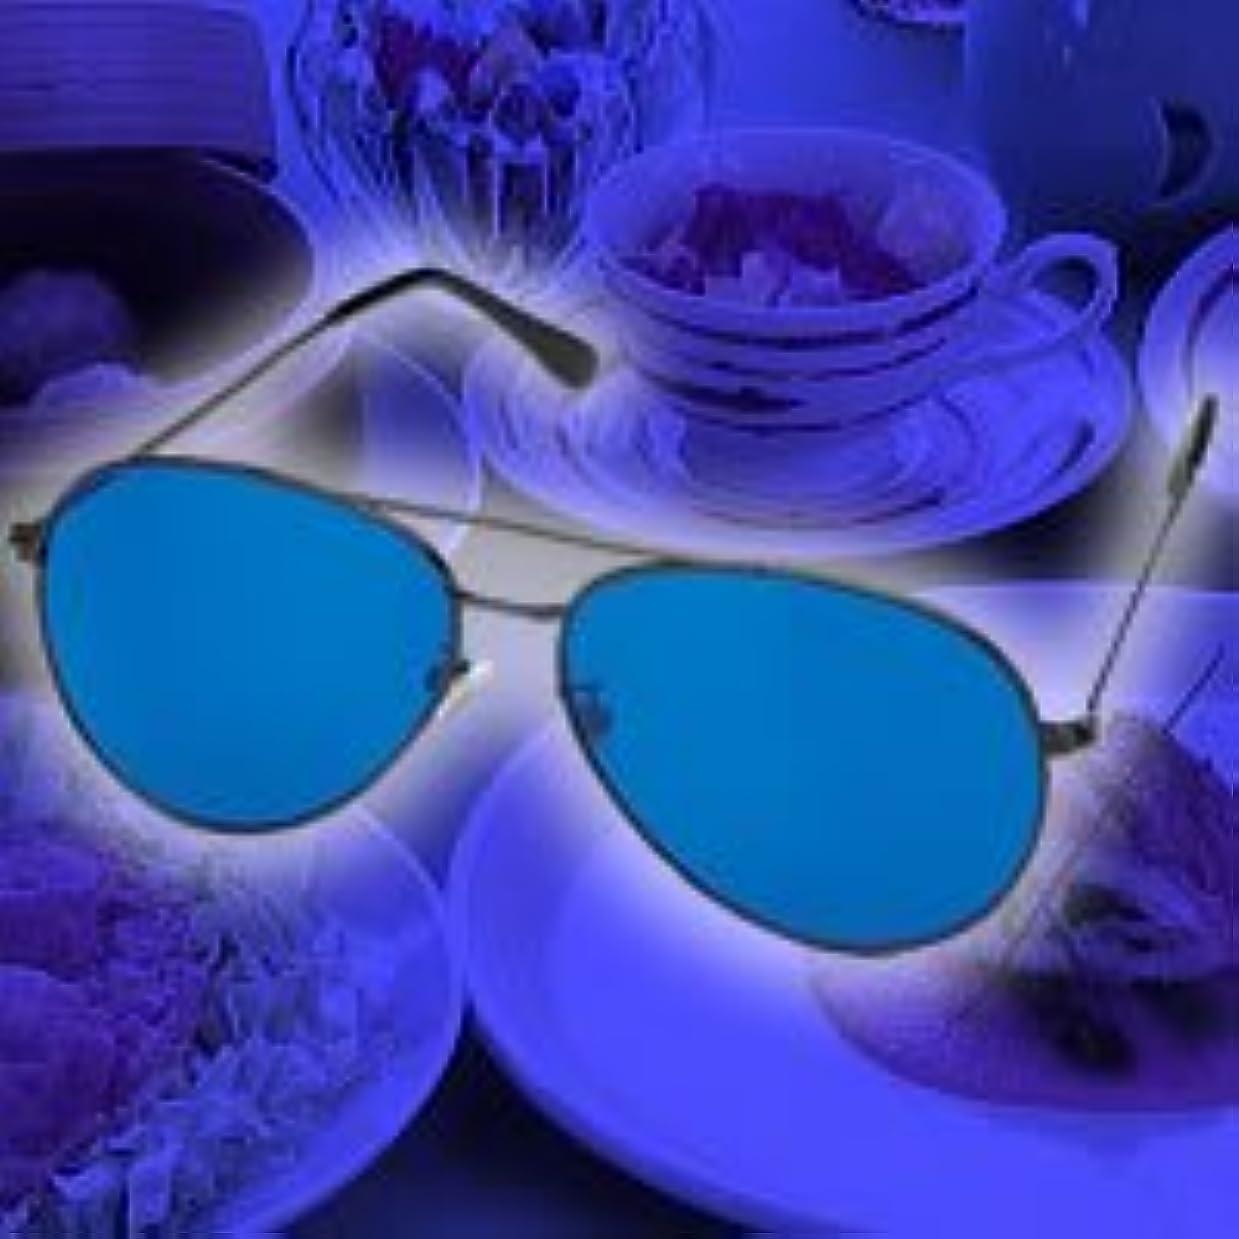 海峡トーナメント十分ではない青色ダイエットめがね(青色めがね)食べる5分前に使用でダイエット 青色アイグラス リラックスで食欲を抑える 青色めがねダイエット